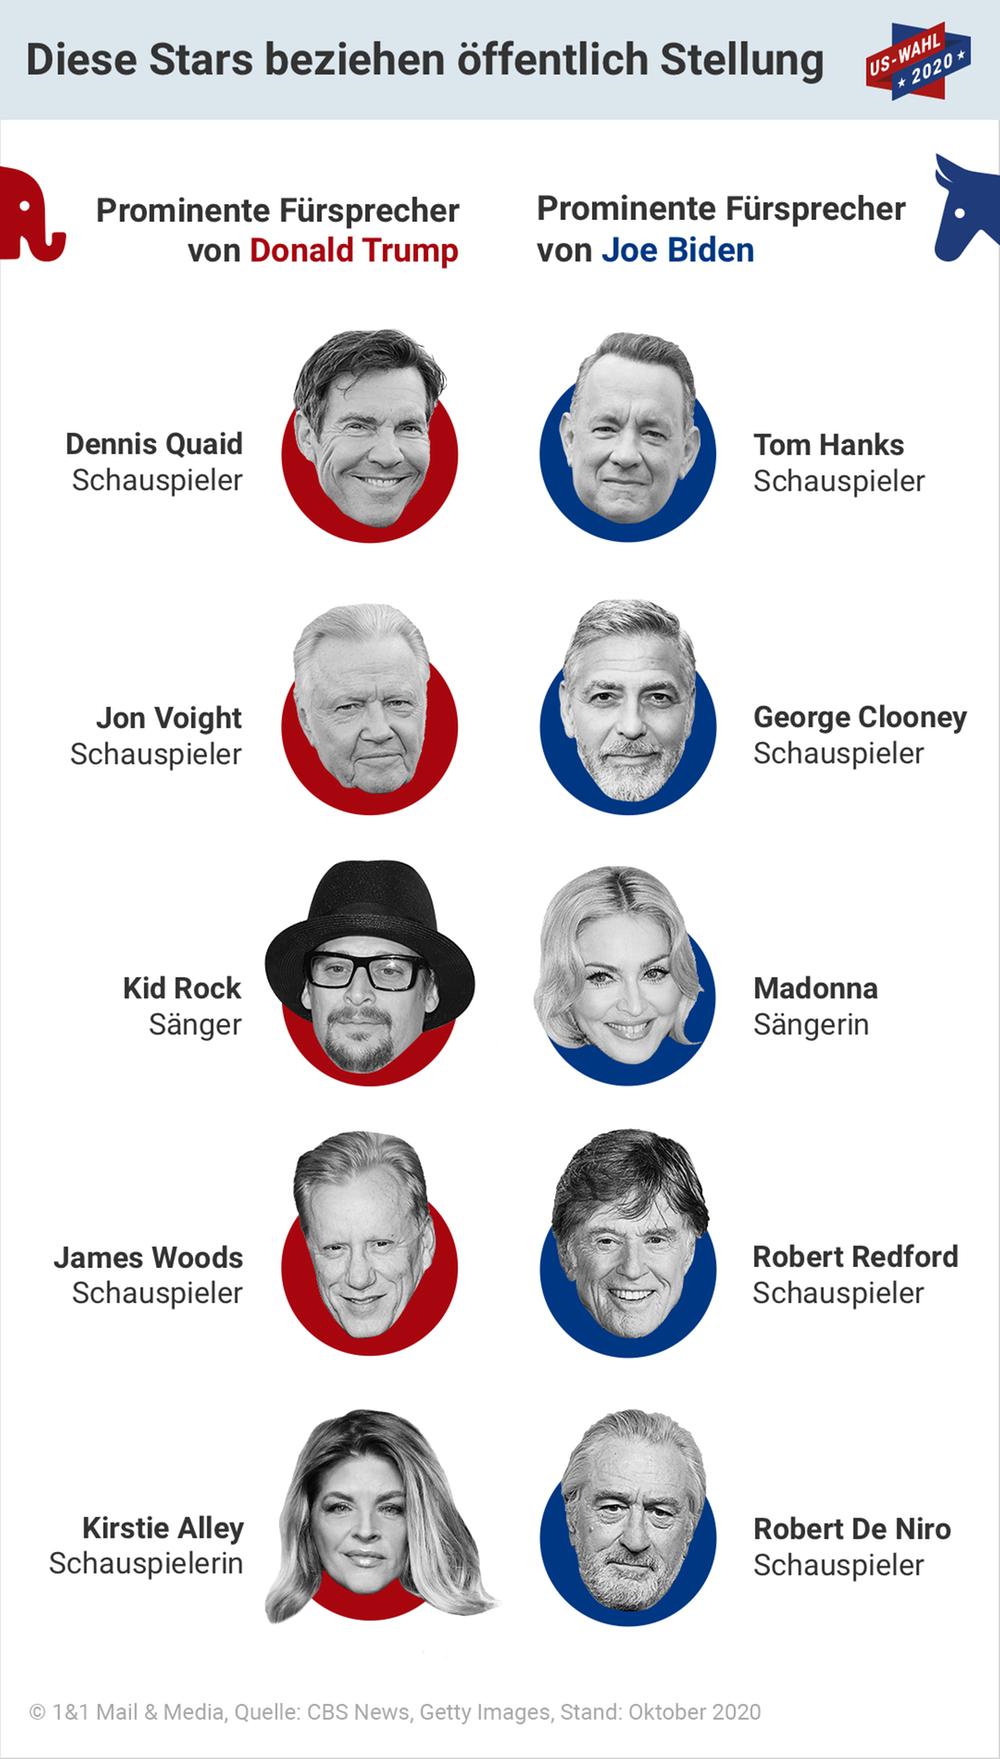 Prominente Fürsprecher der Präsidentschaftskandidaten